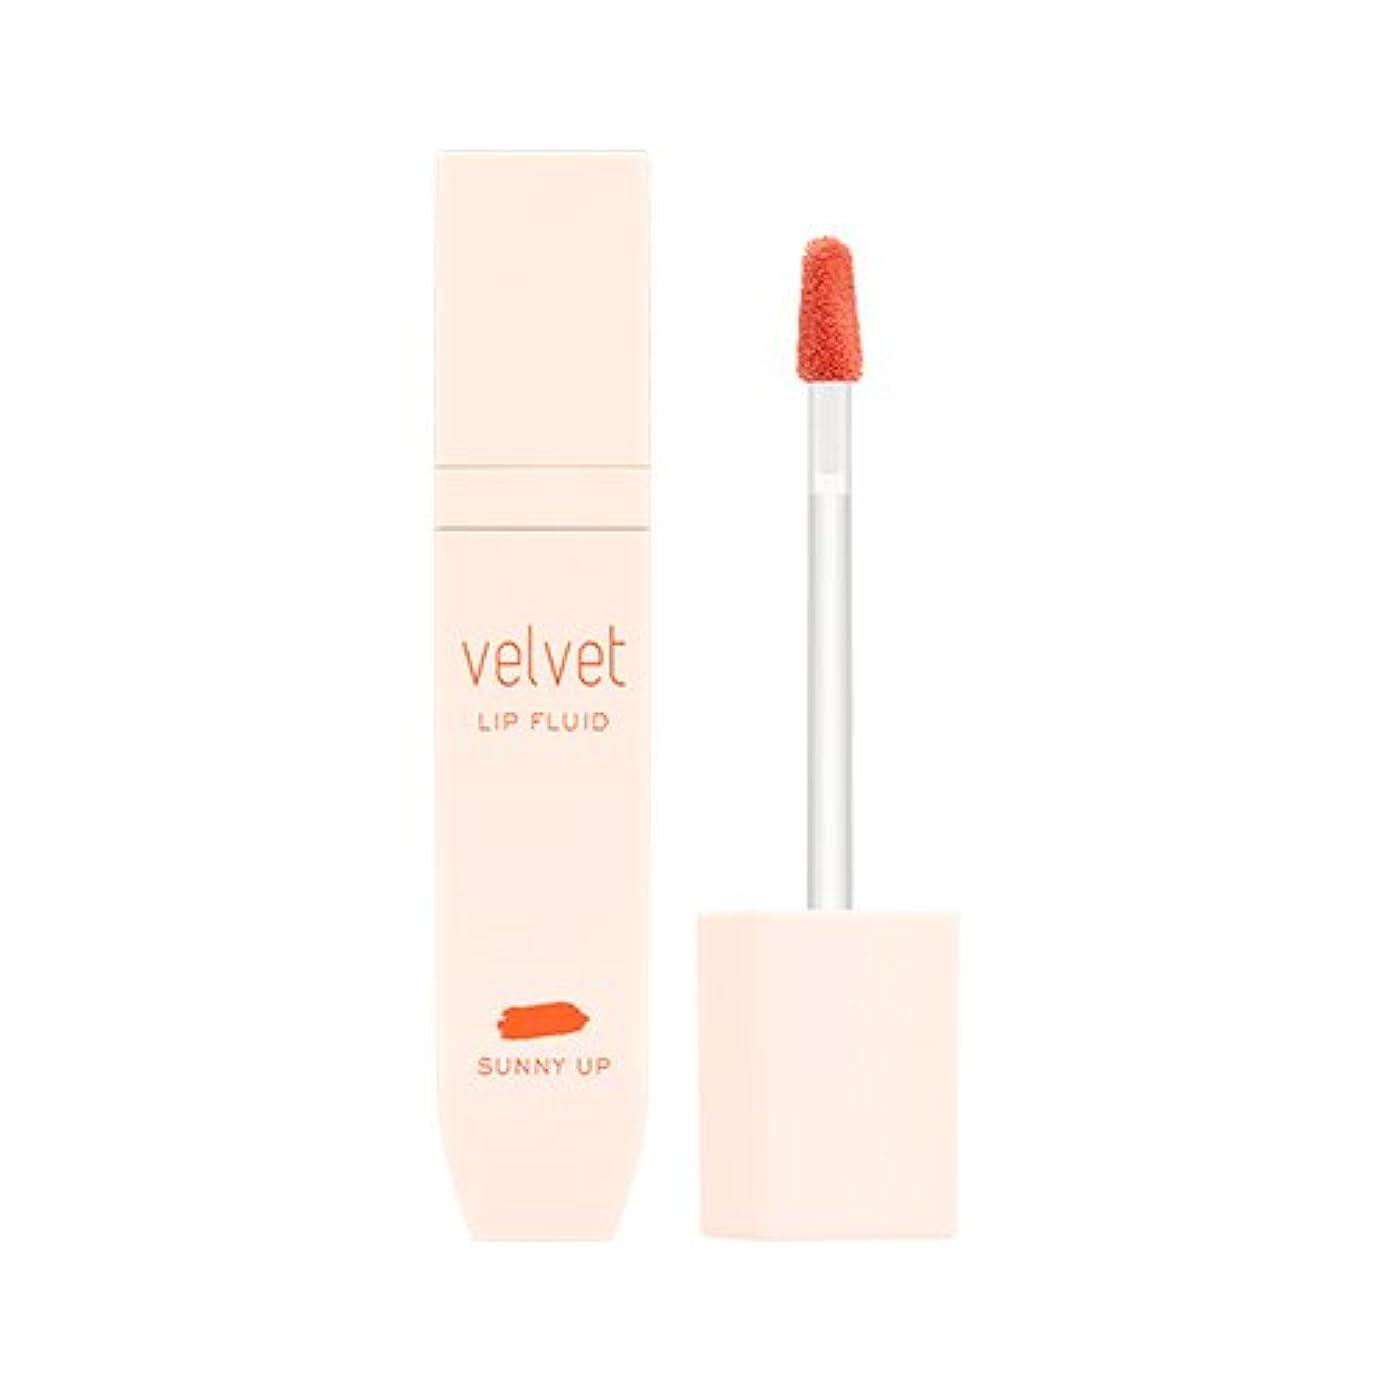 感じる失態悲しいことにMISSHA Velvet Lip Fluid #Sunny Up / ミシャ ベルベットリップフルイド #サニーアップ [並行輸入品]